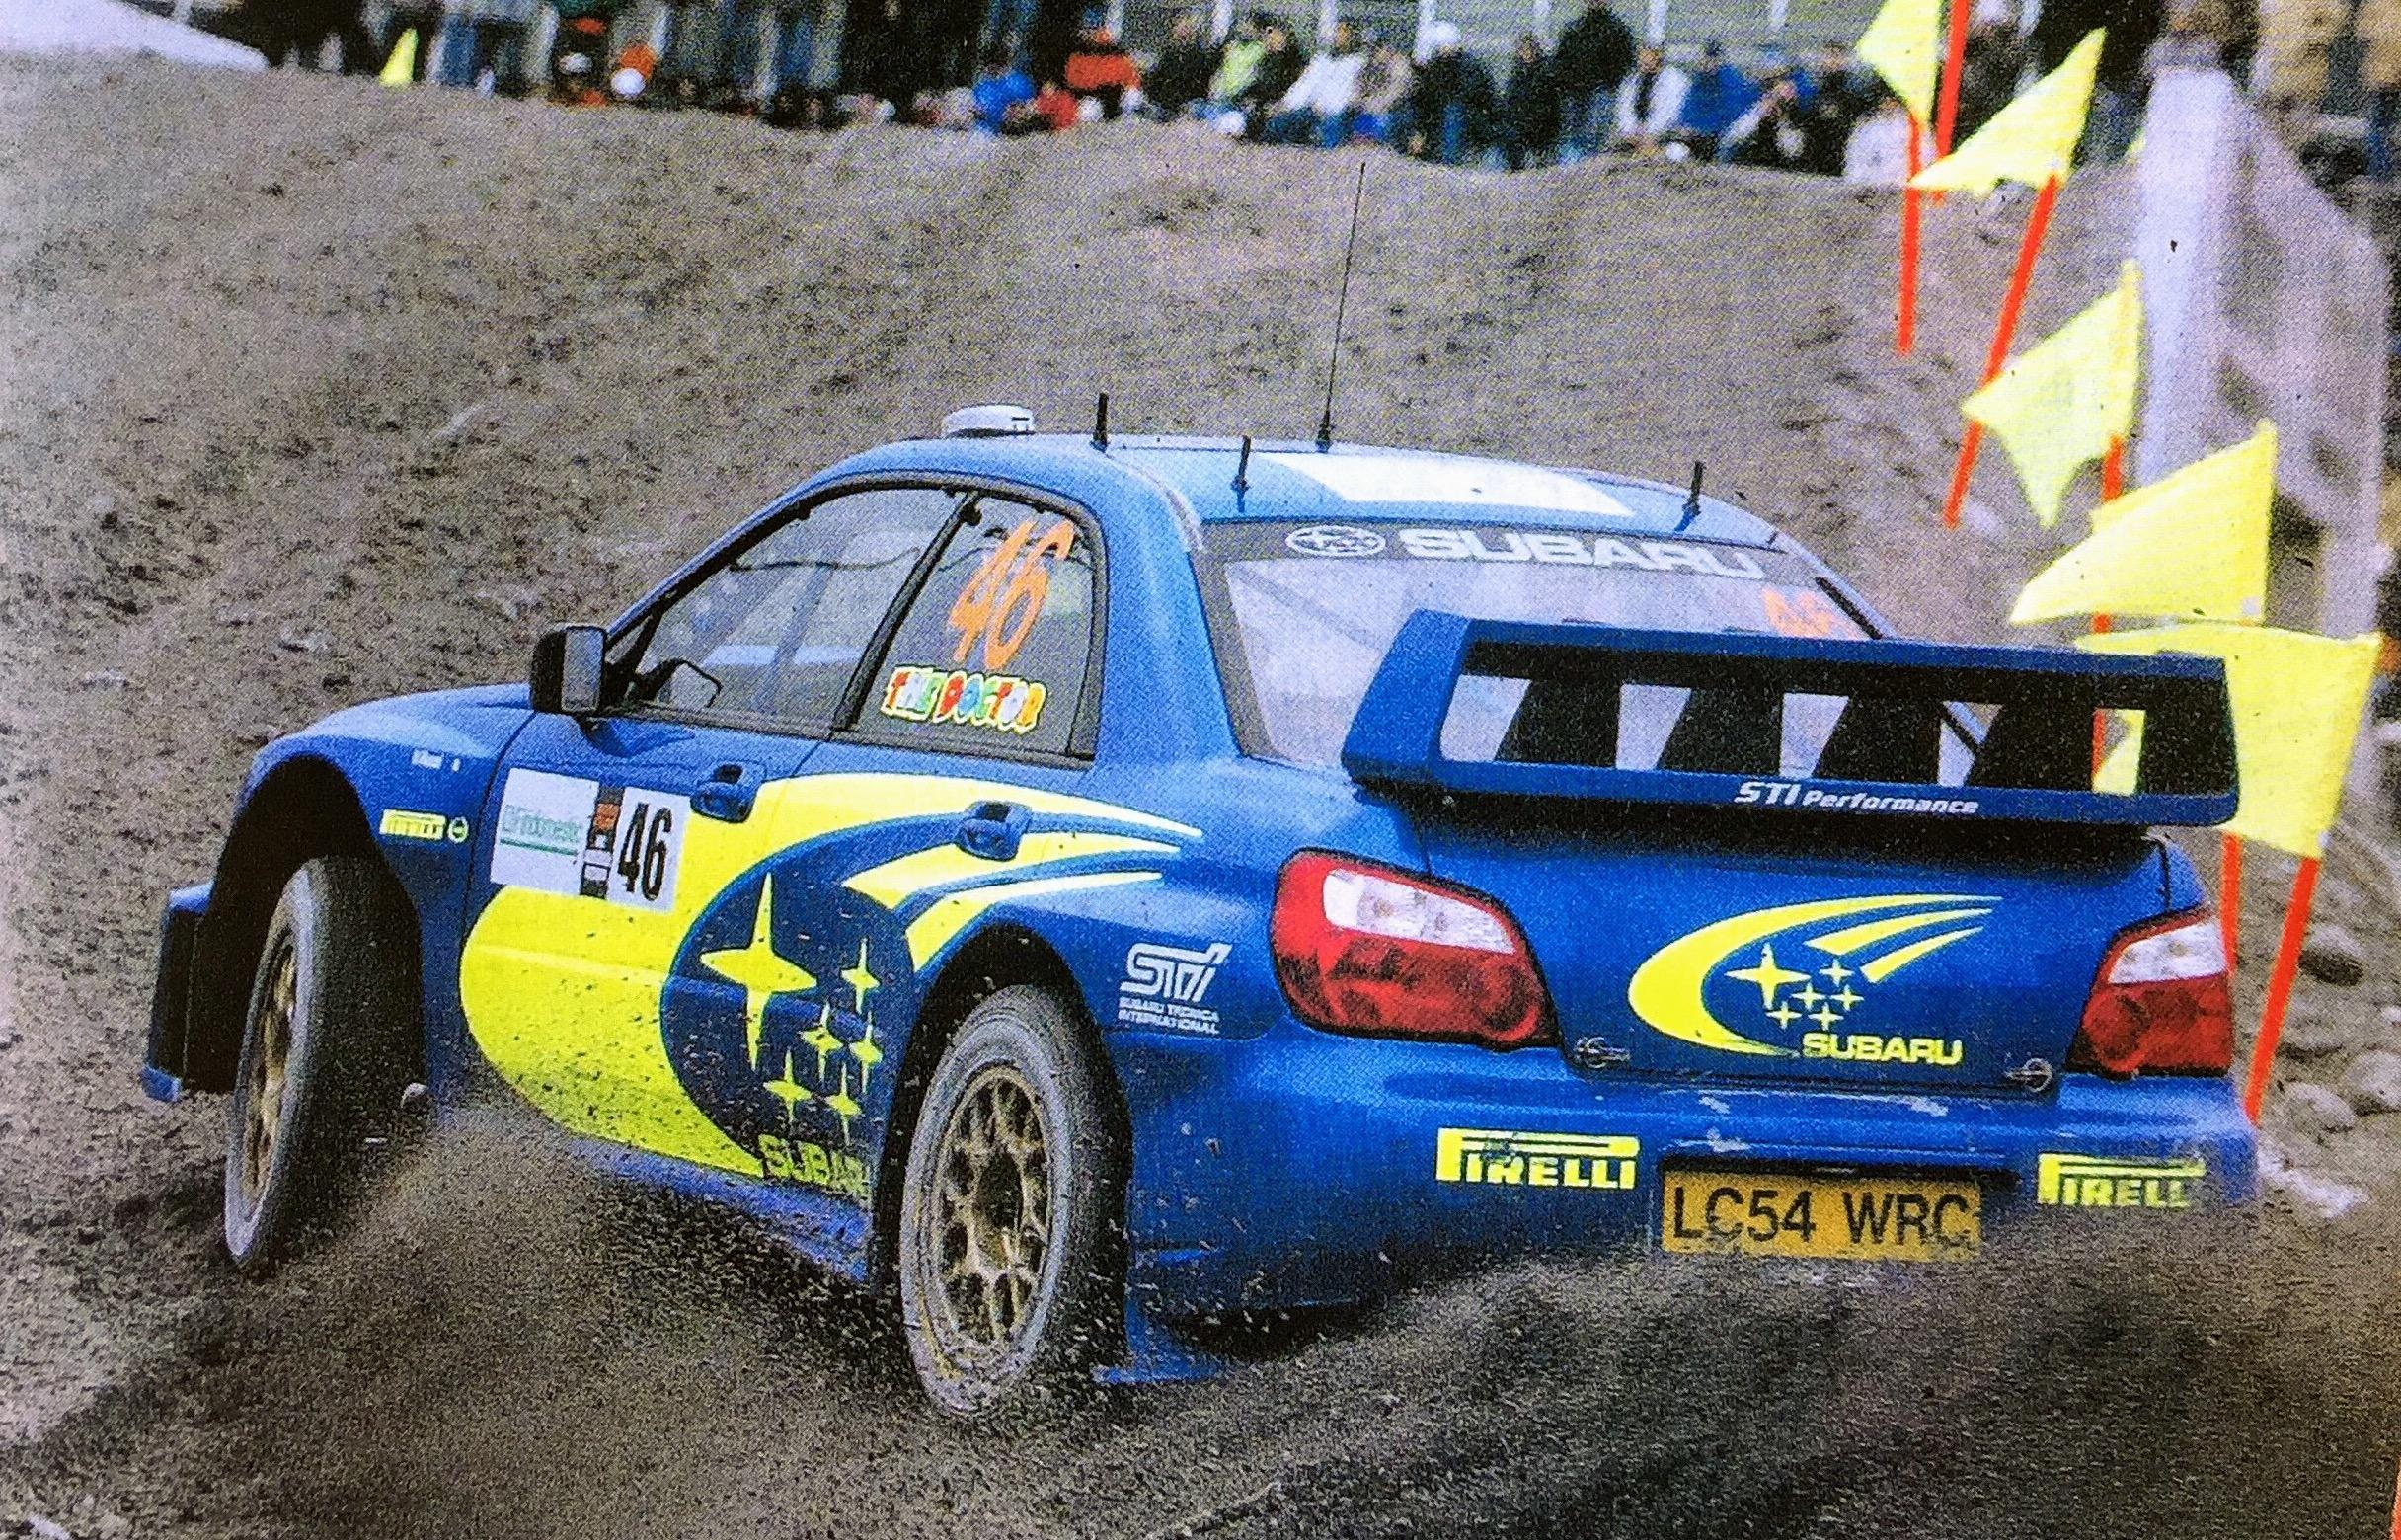 Valentino Rossi Subaru Impreza Monza Rally Show